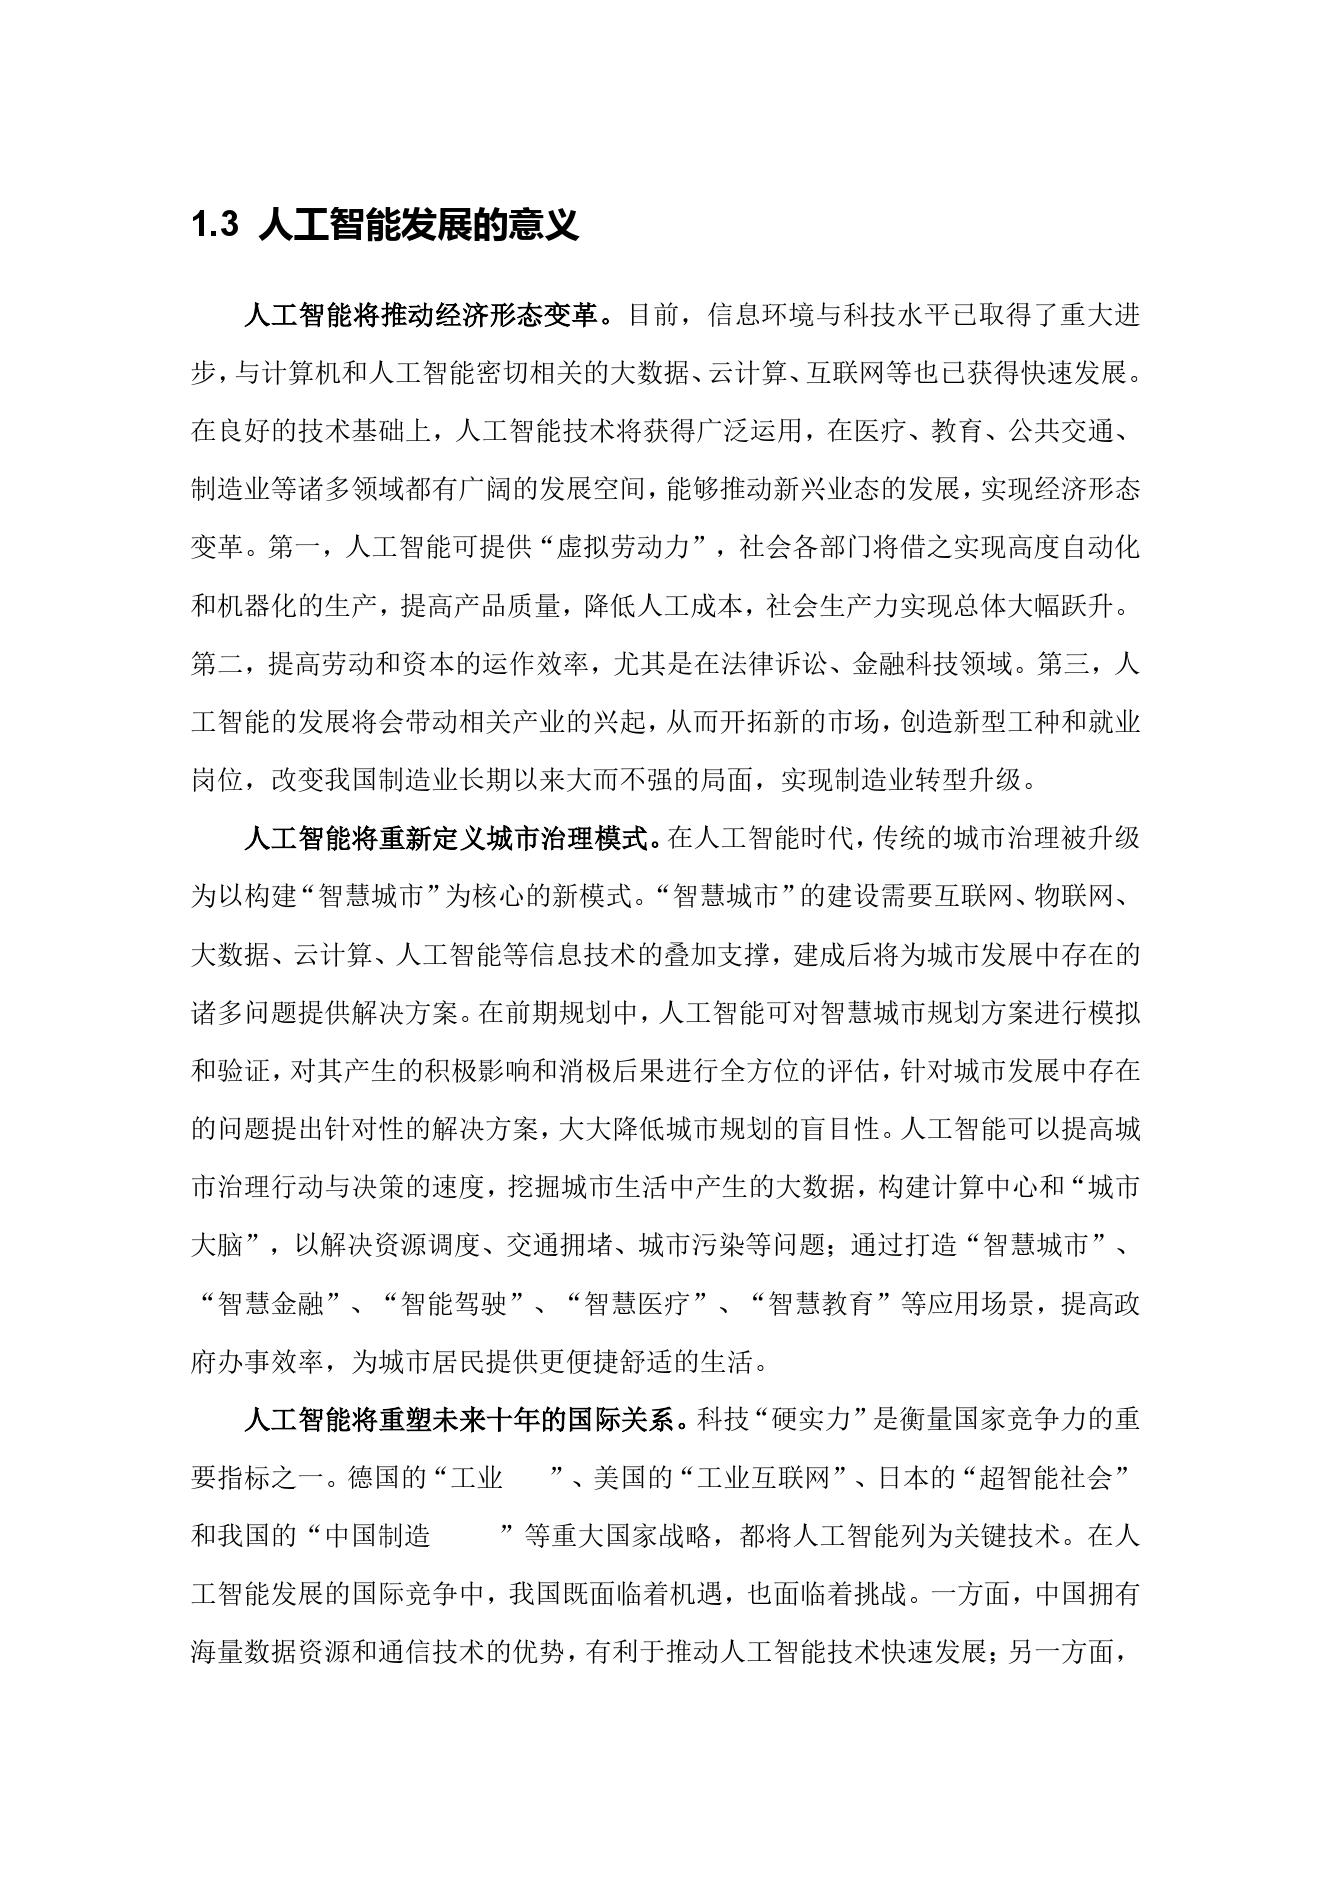 36氪研究院:2020年中国城市人工智能发展指数报告(可下载报告)插图(19)